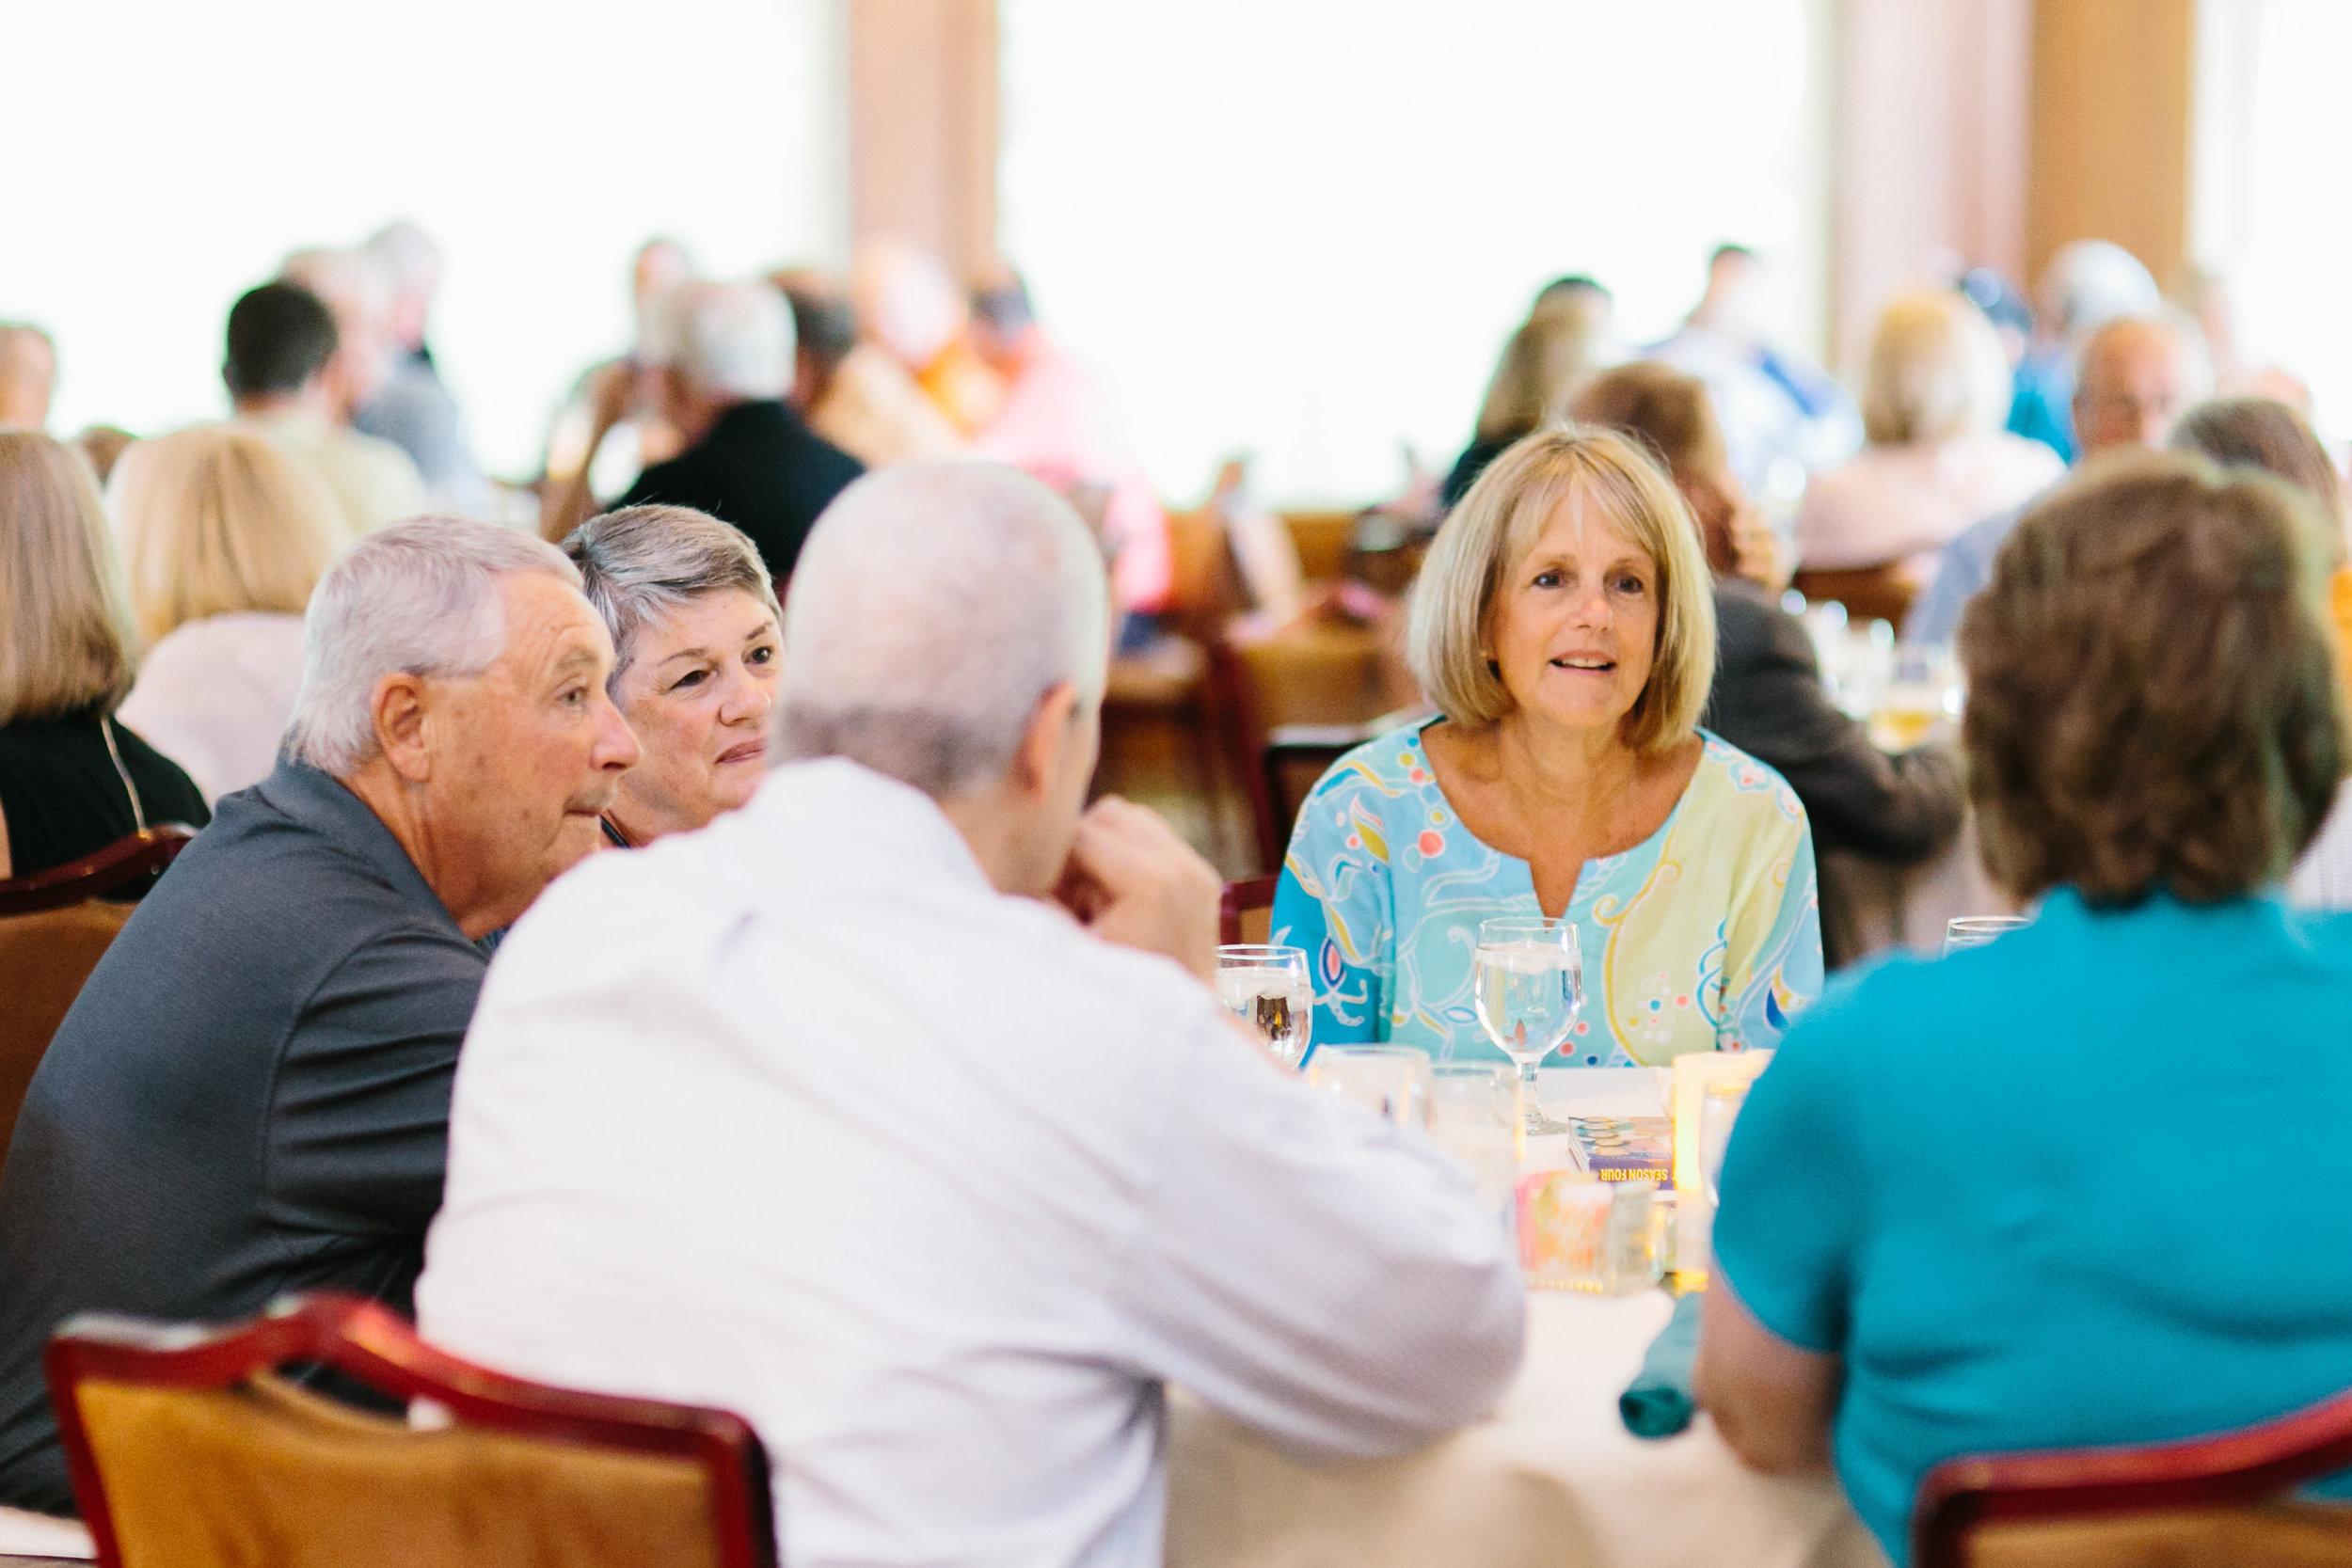 Attendees enjoying the Awards Dinner